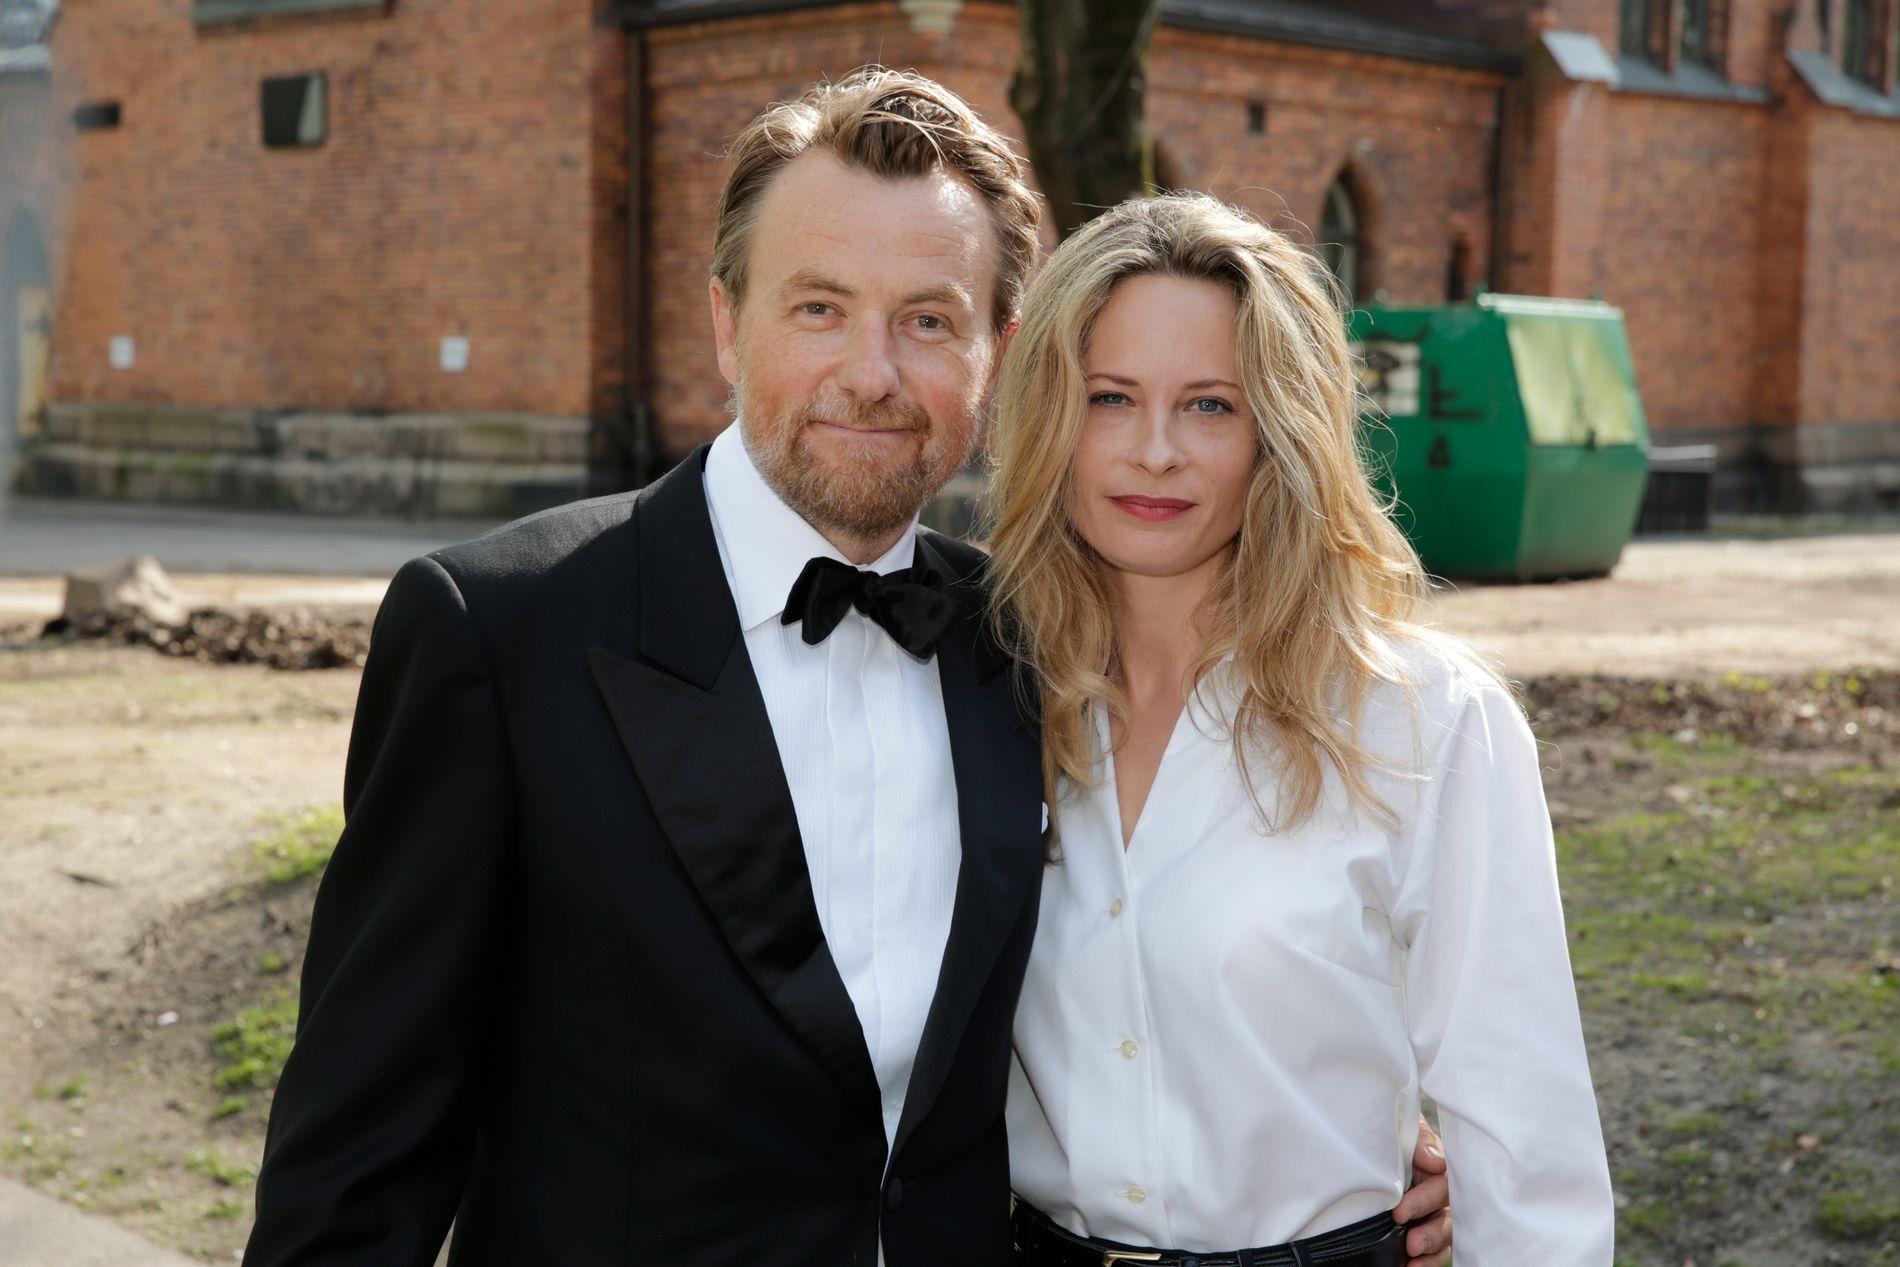 BARN: Fredrik Skavlan (51) har tre barn sammen med skuespiller Maria Bonnevie (44).